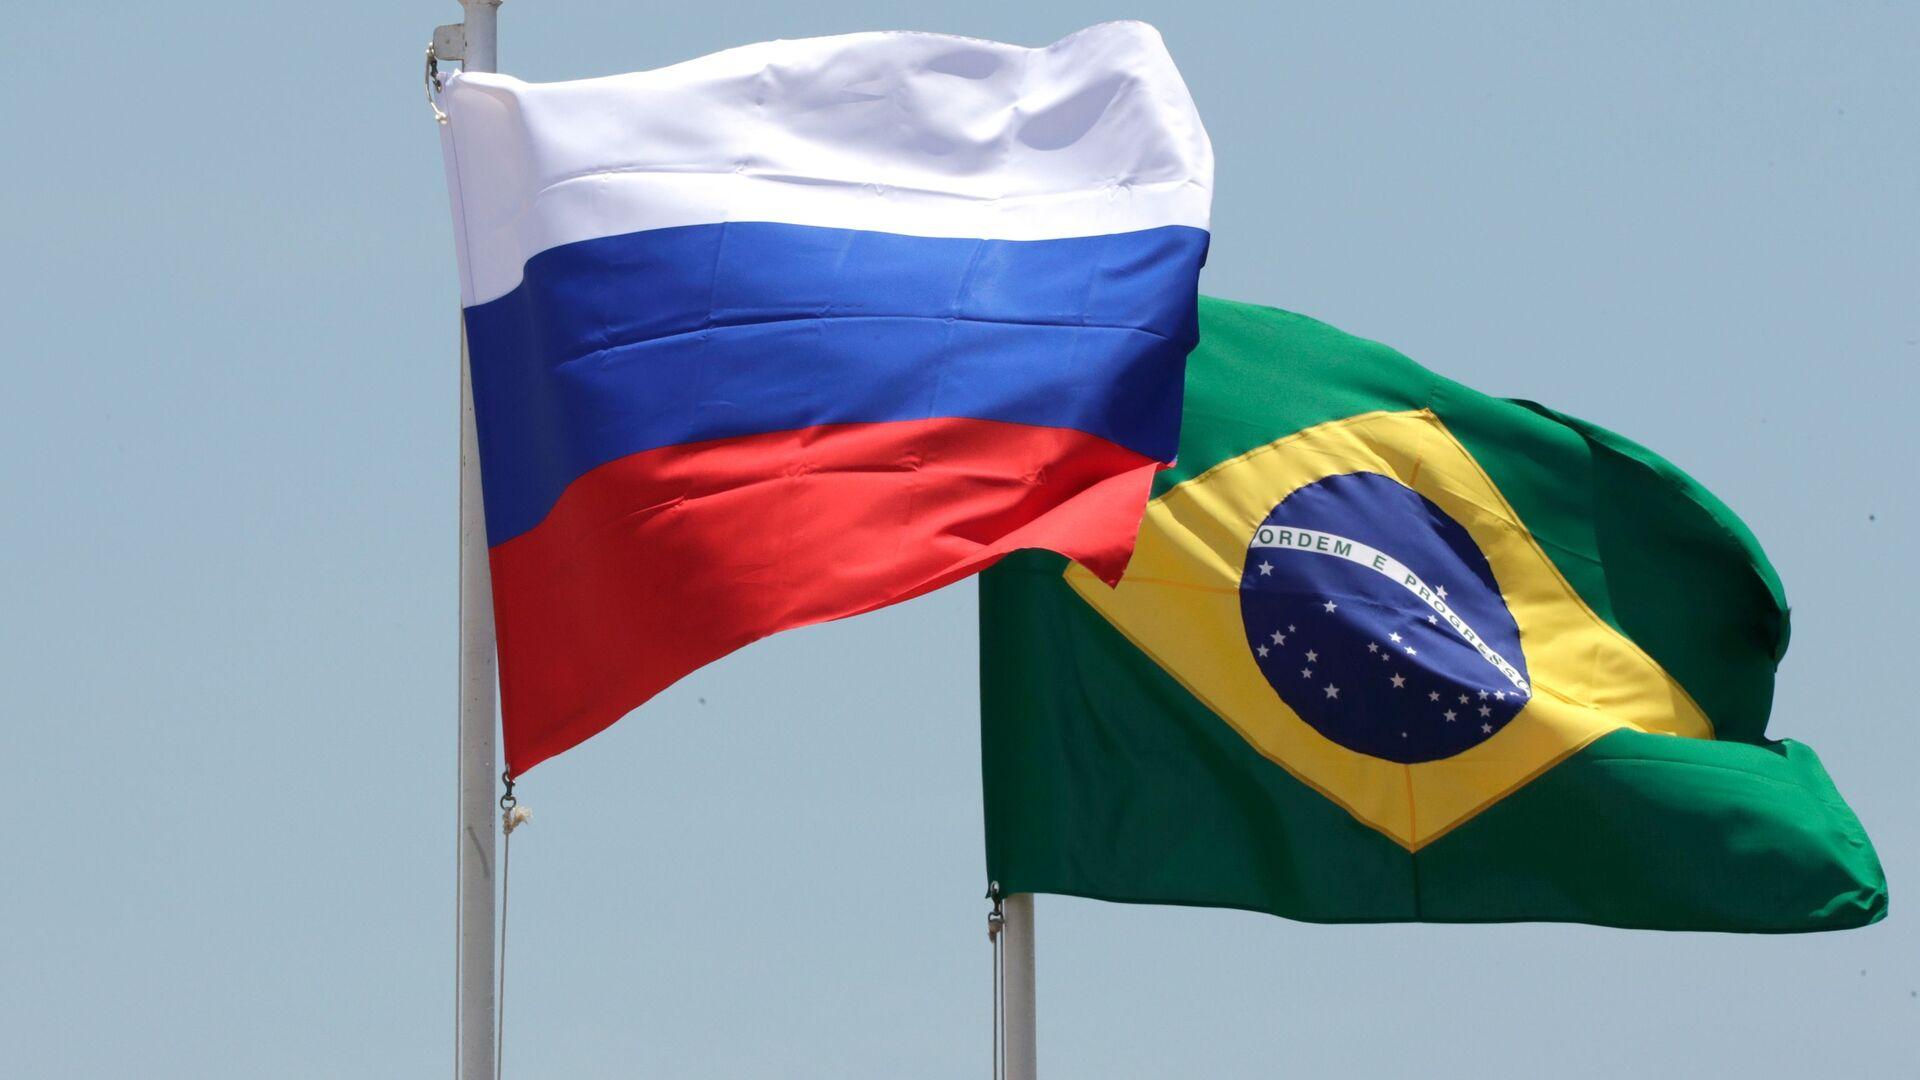 Las banderas de Brasil y Rusia - Sputnik Mundo, 1920, 02.07.2021